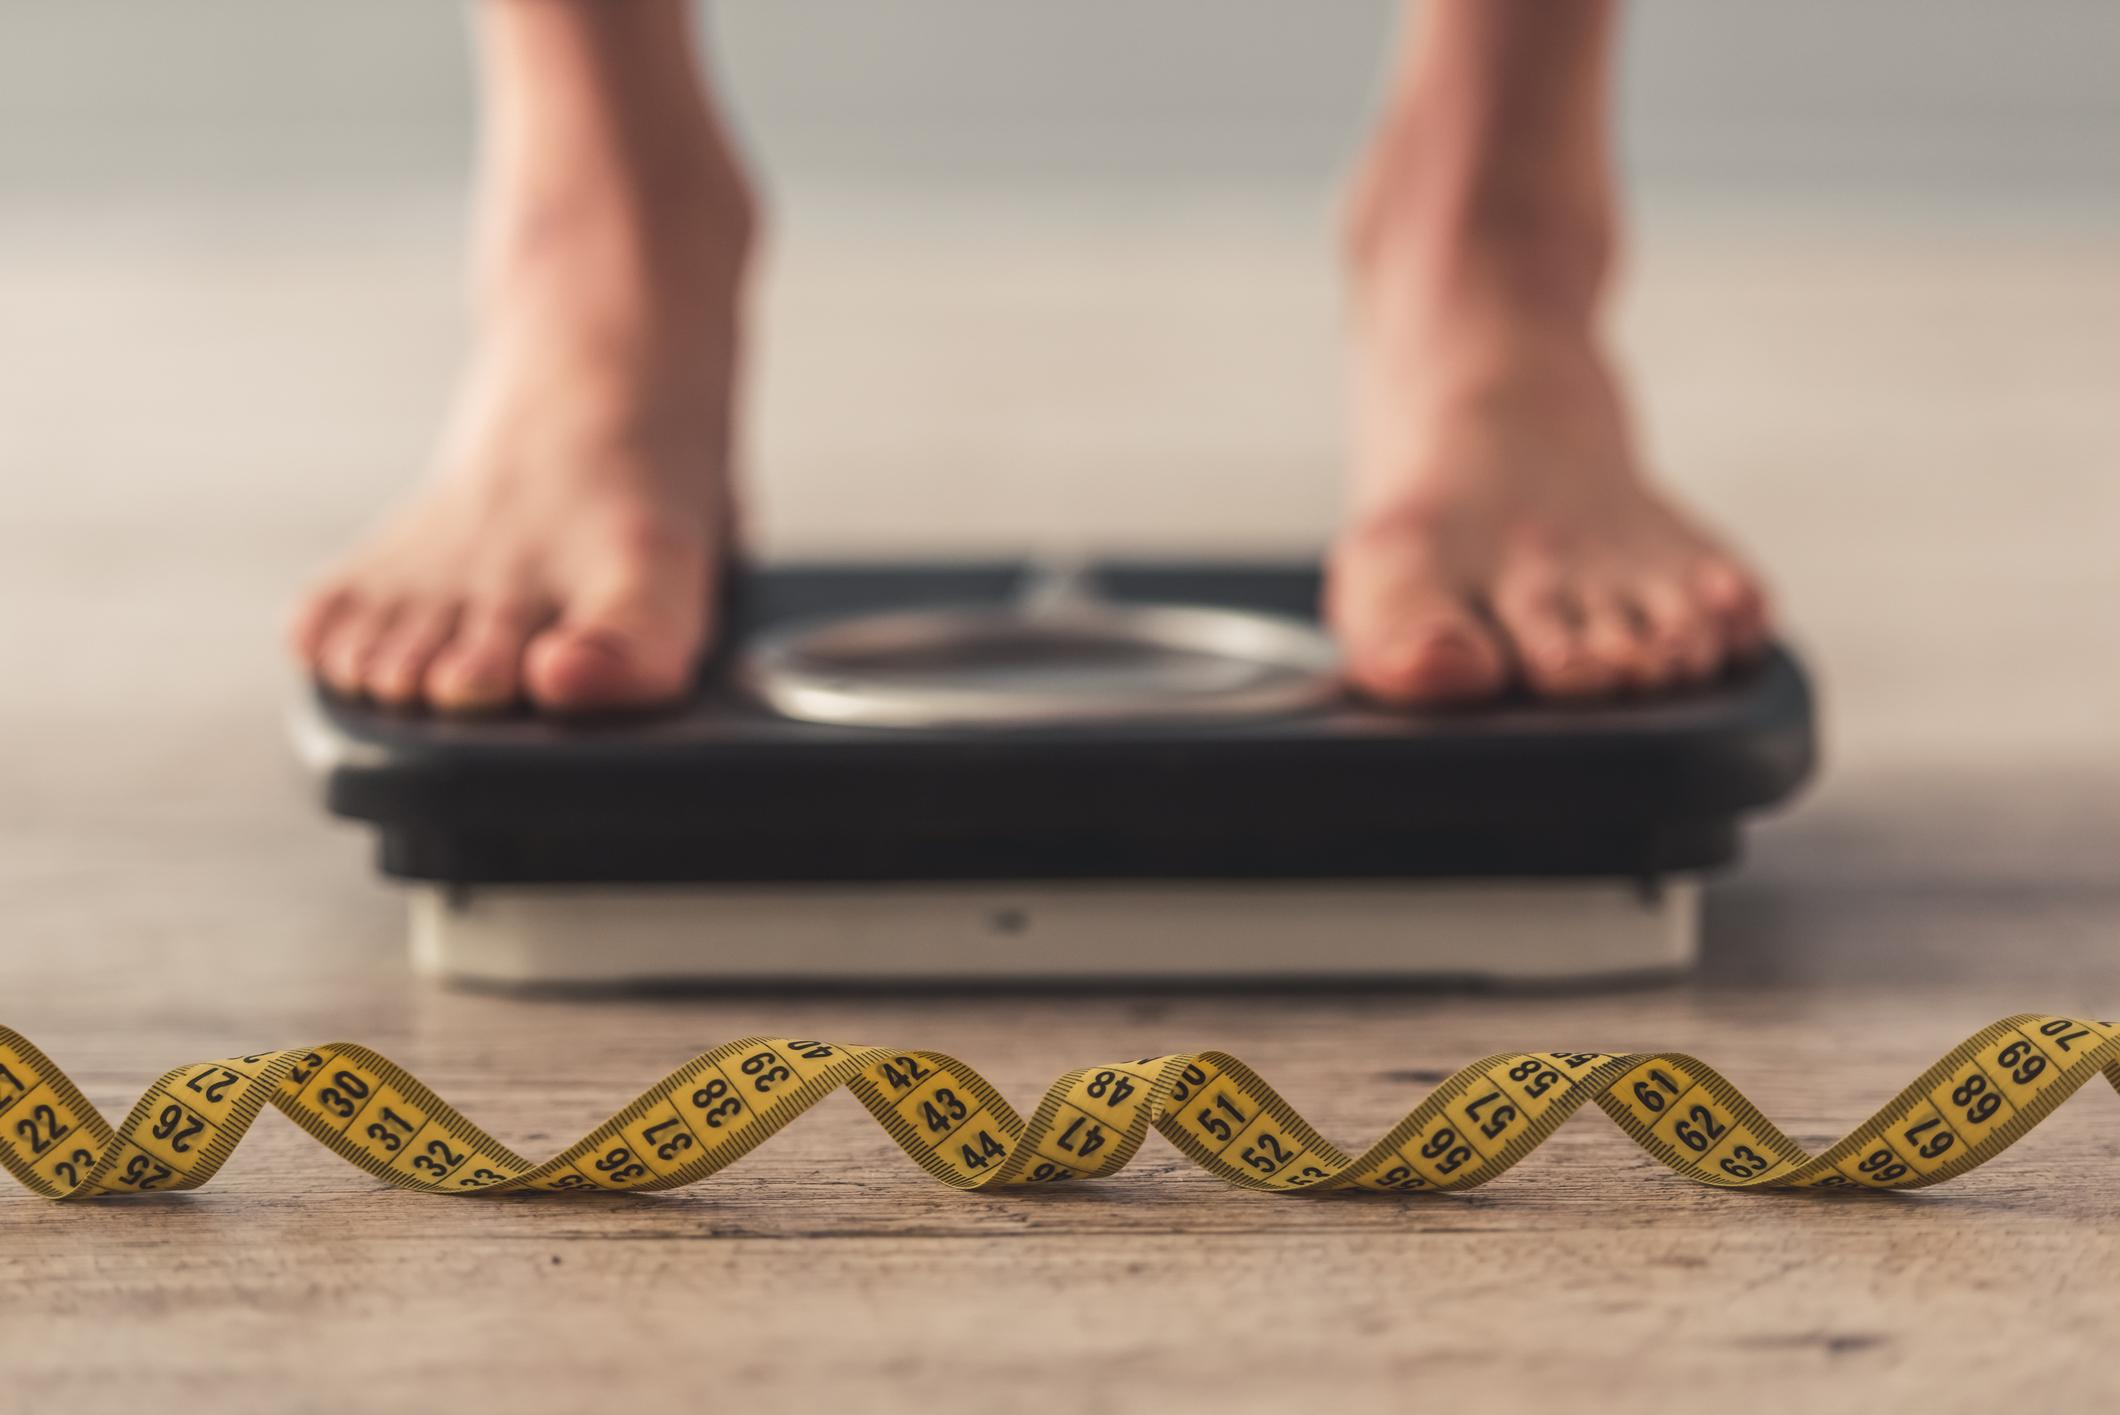 soț nesigur în ceea ce privește pierderea în greutate a femeilor